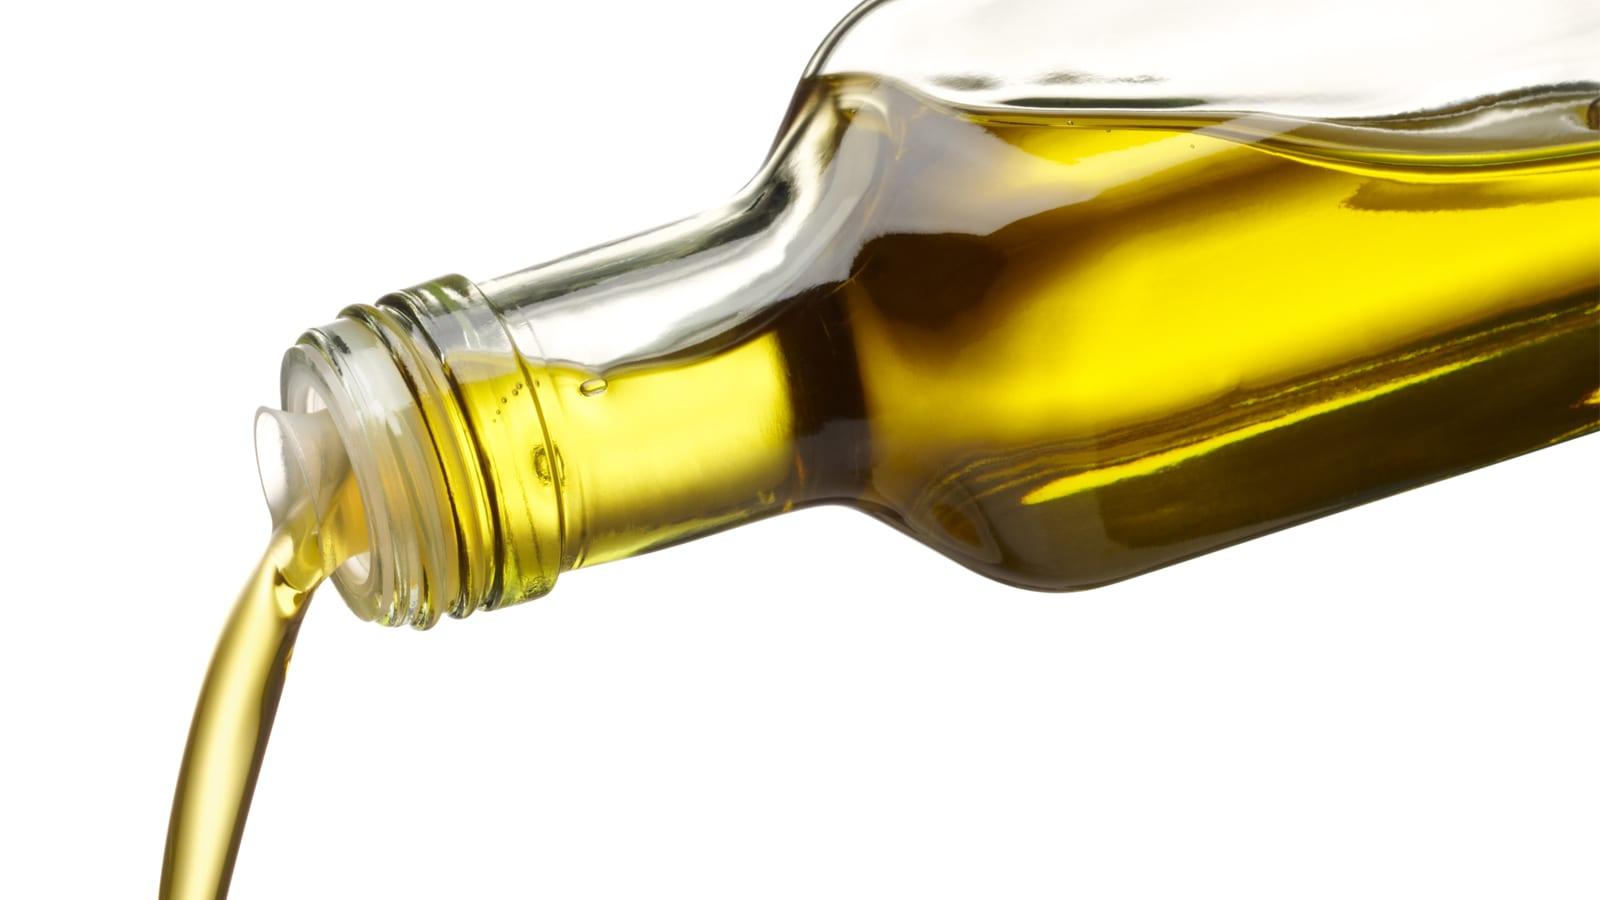 Verstandig gebruik van vet en olie – INFO